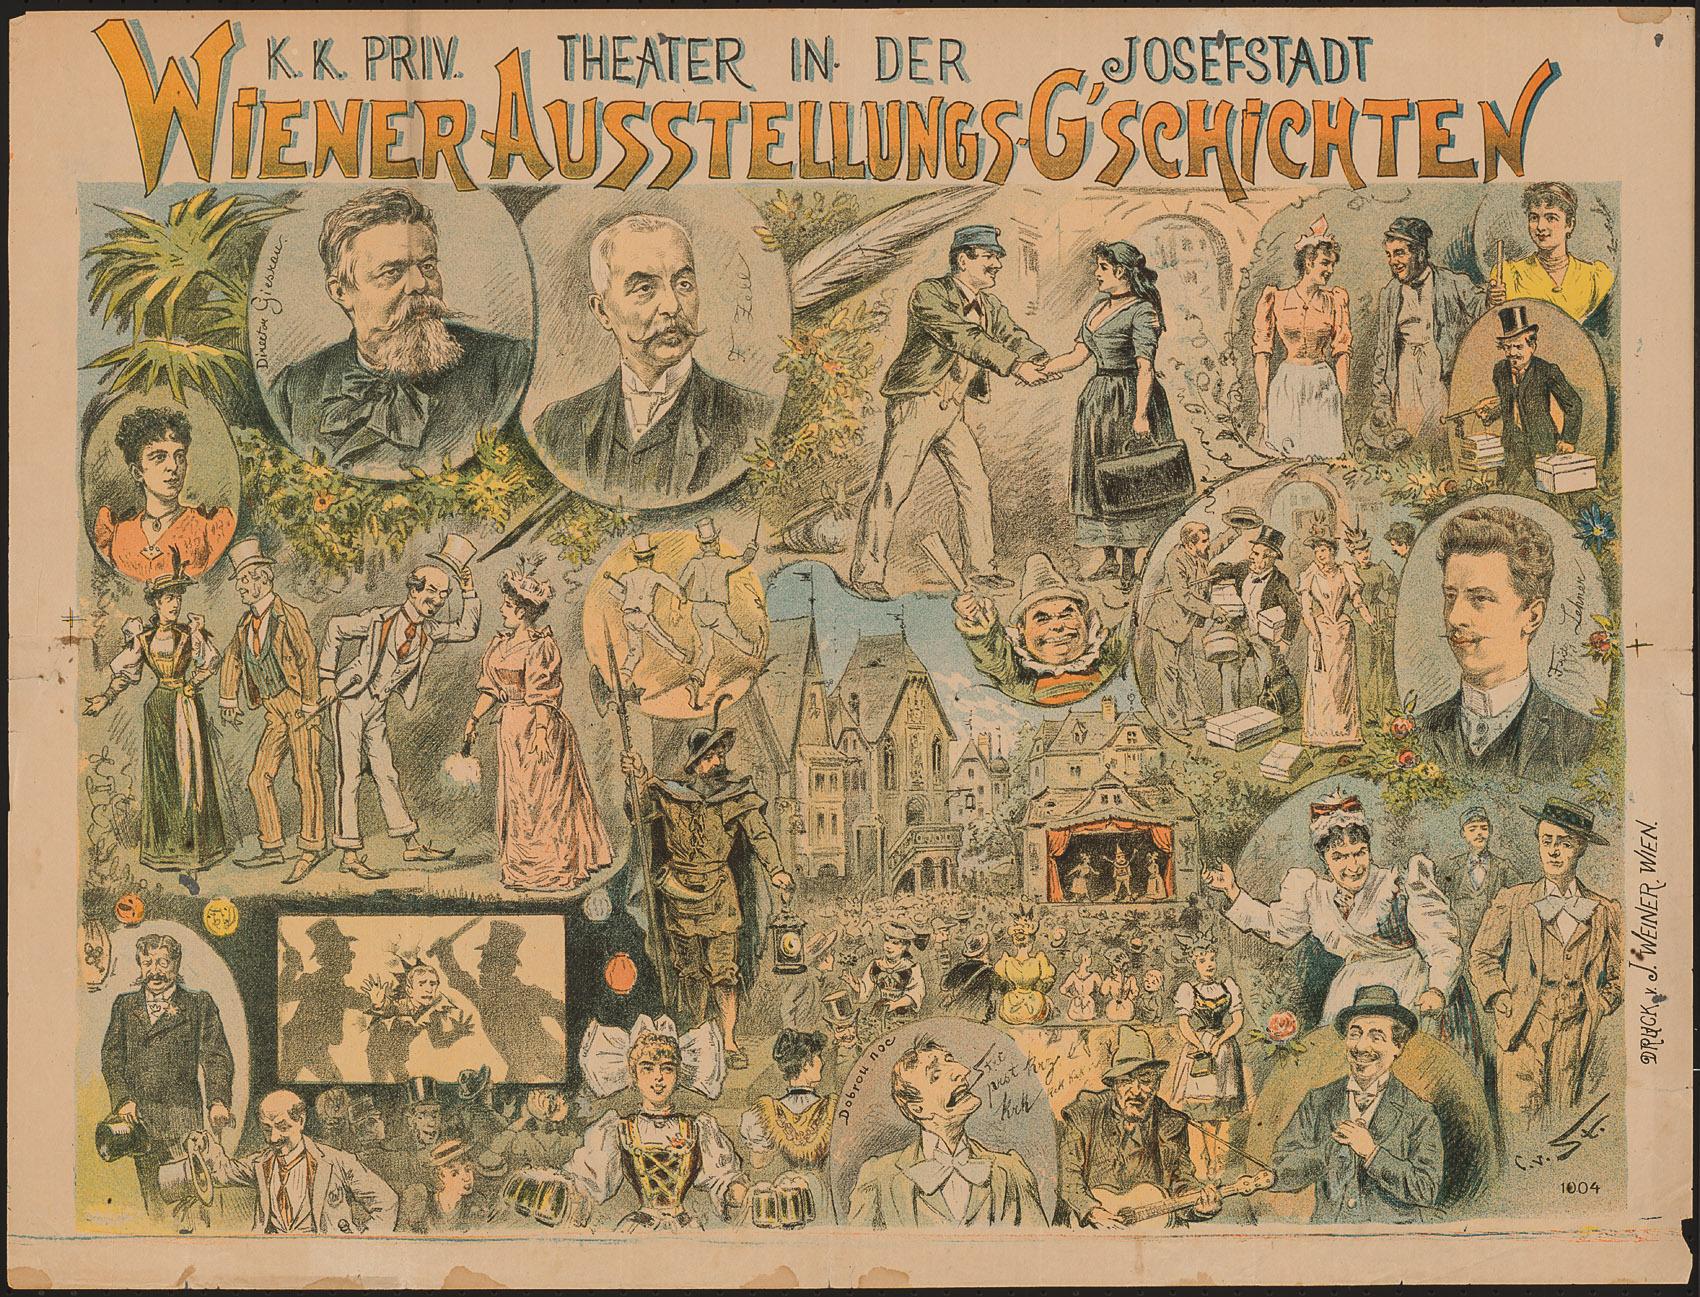 Wiener Ausstellungsg'schichten von Fritz Lehner